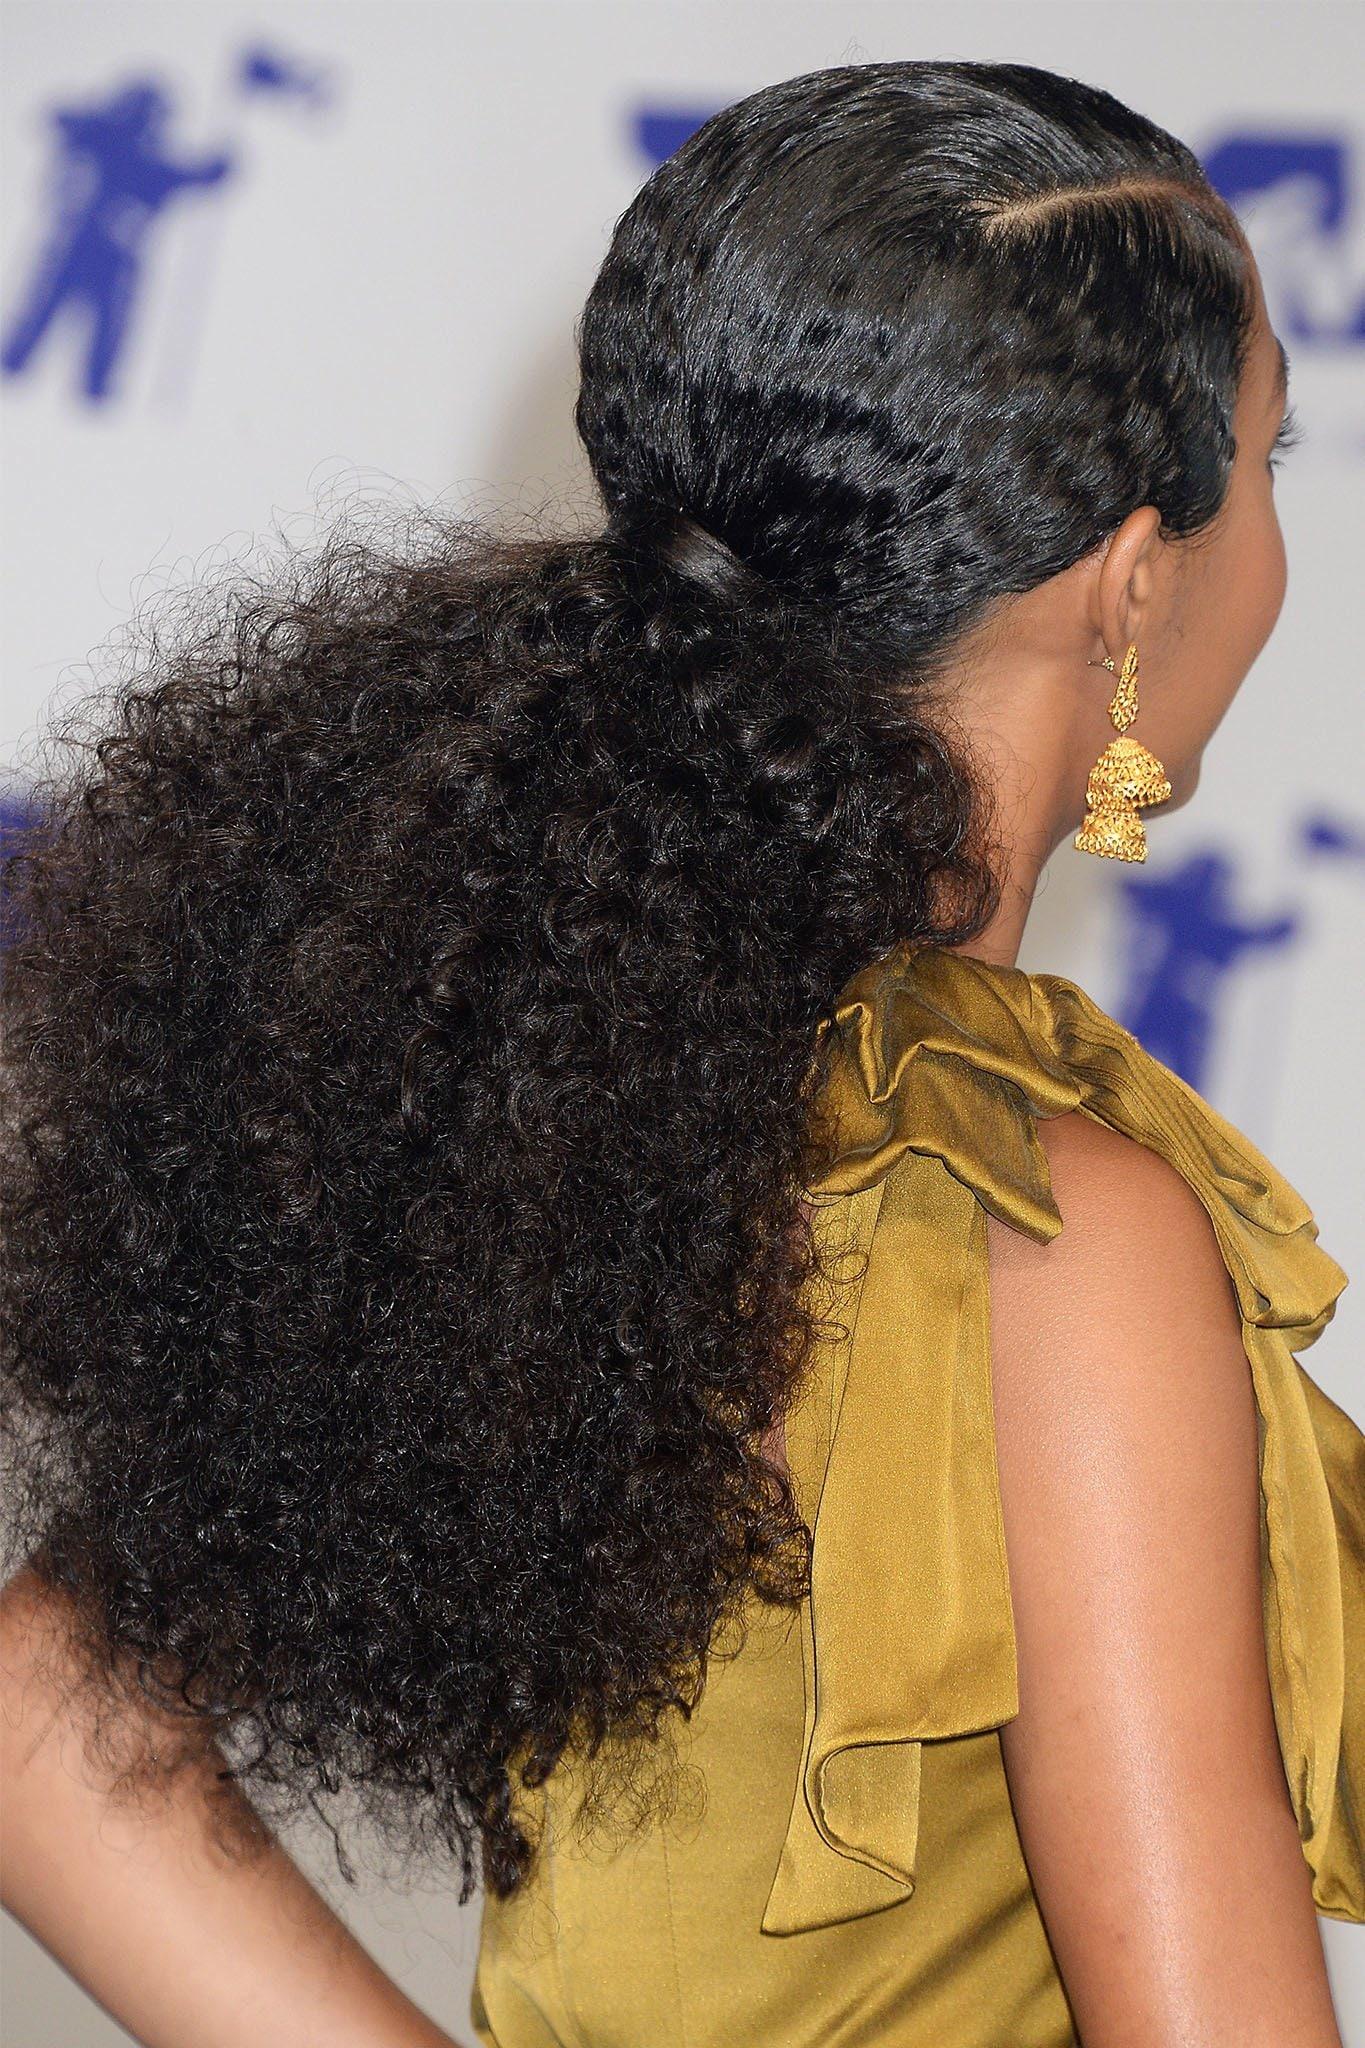 mujer de pelo negro con rulos con cola de caballo baja